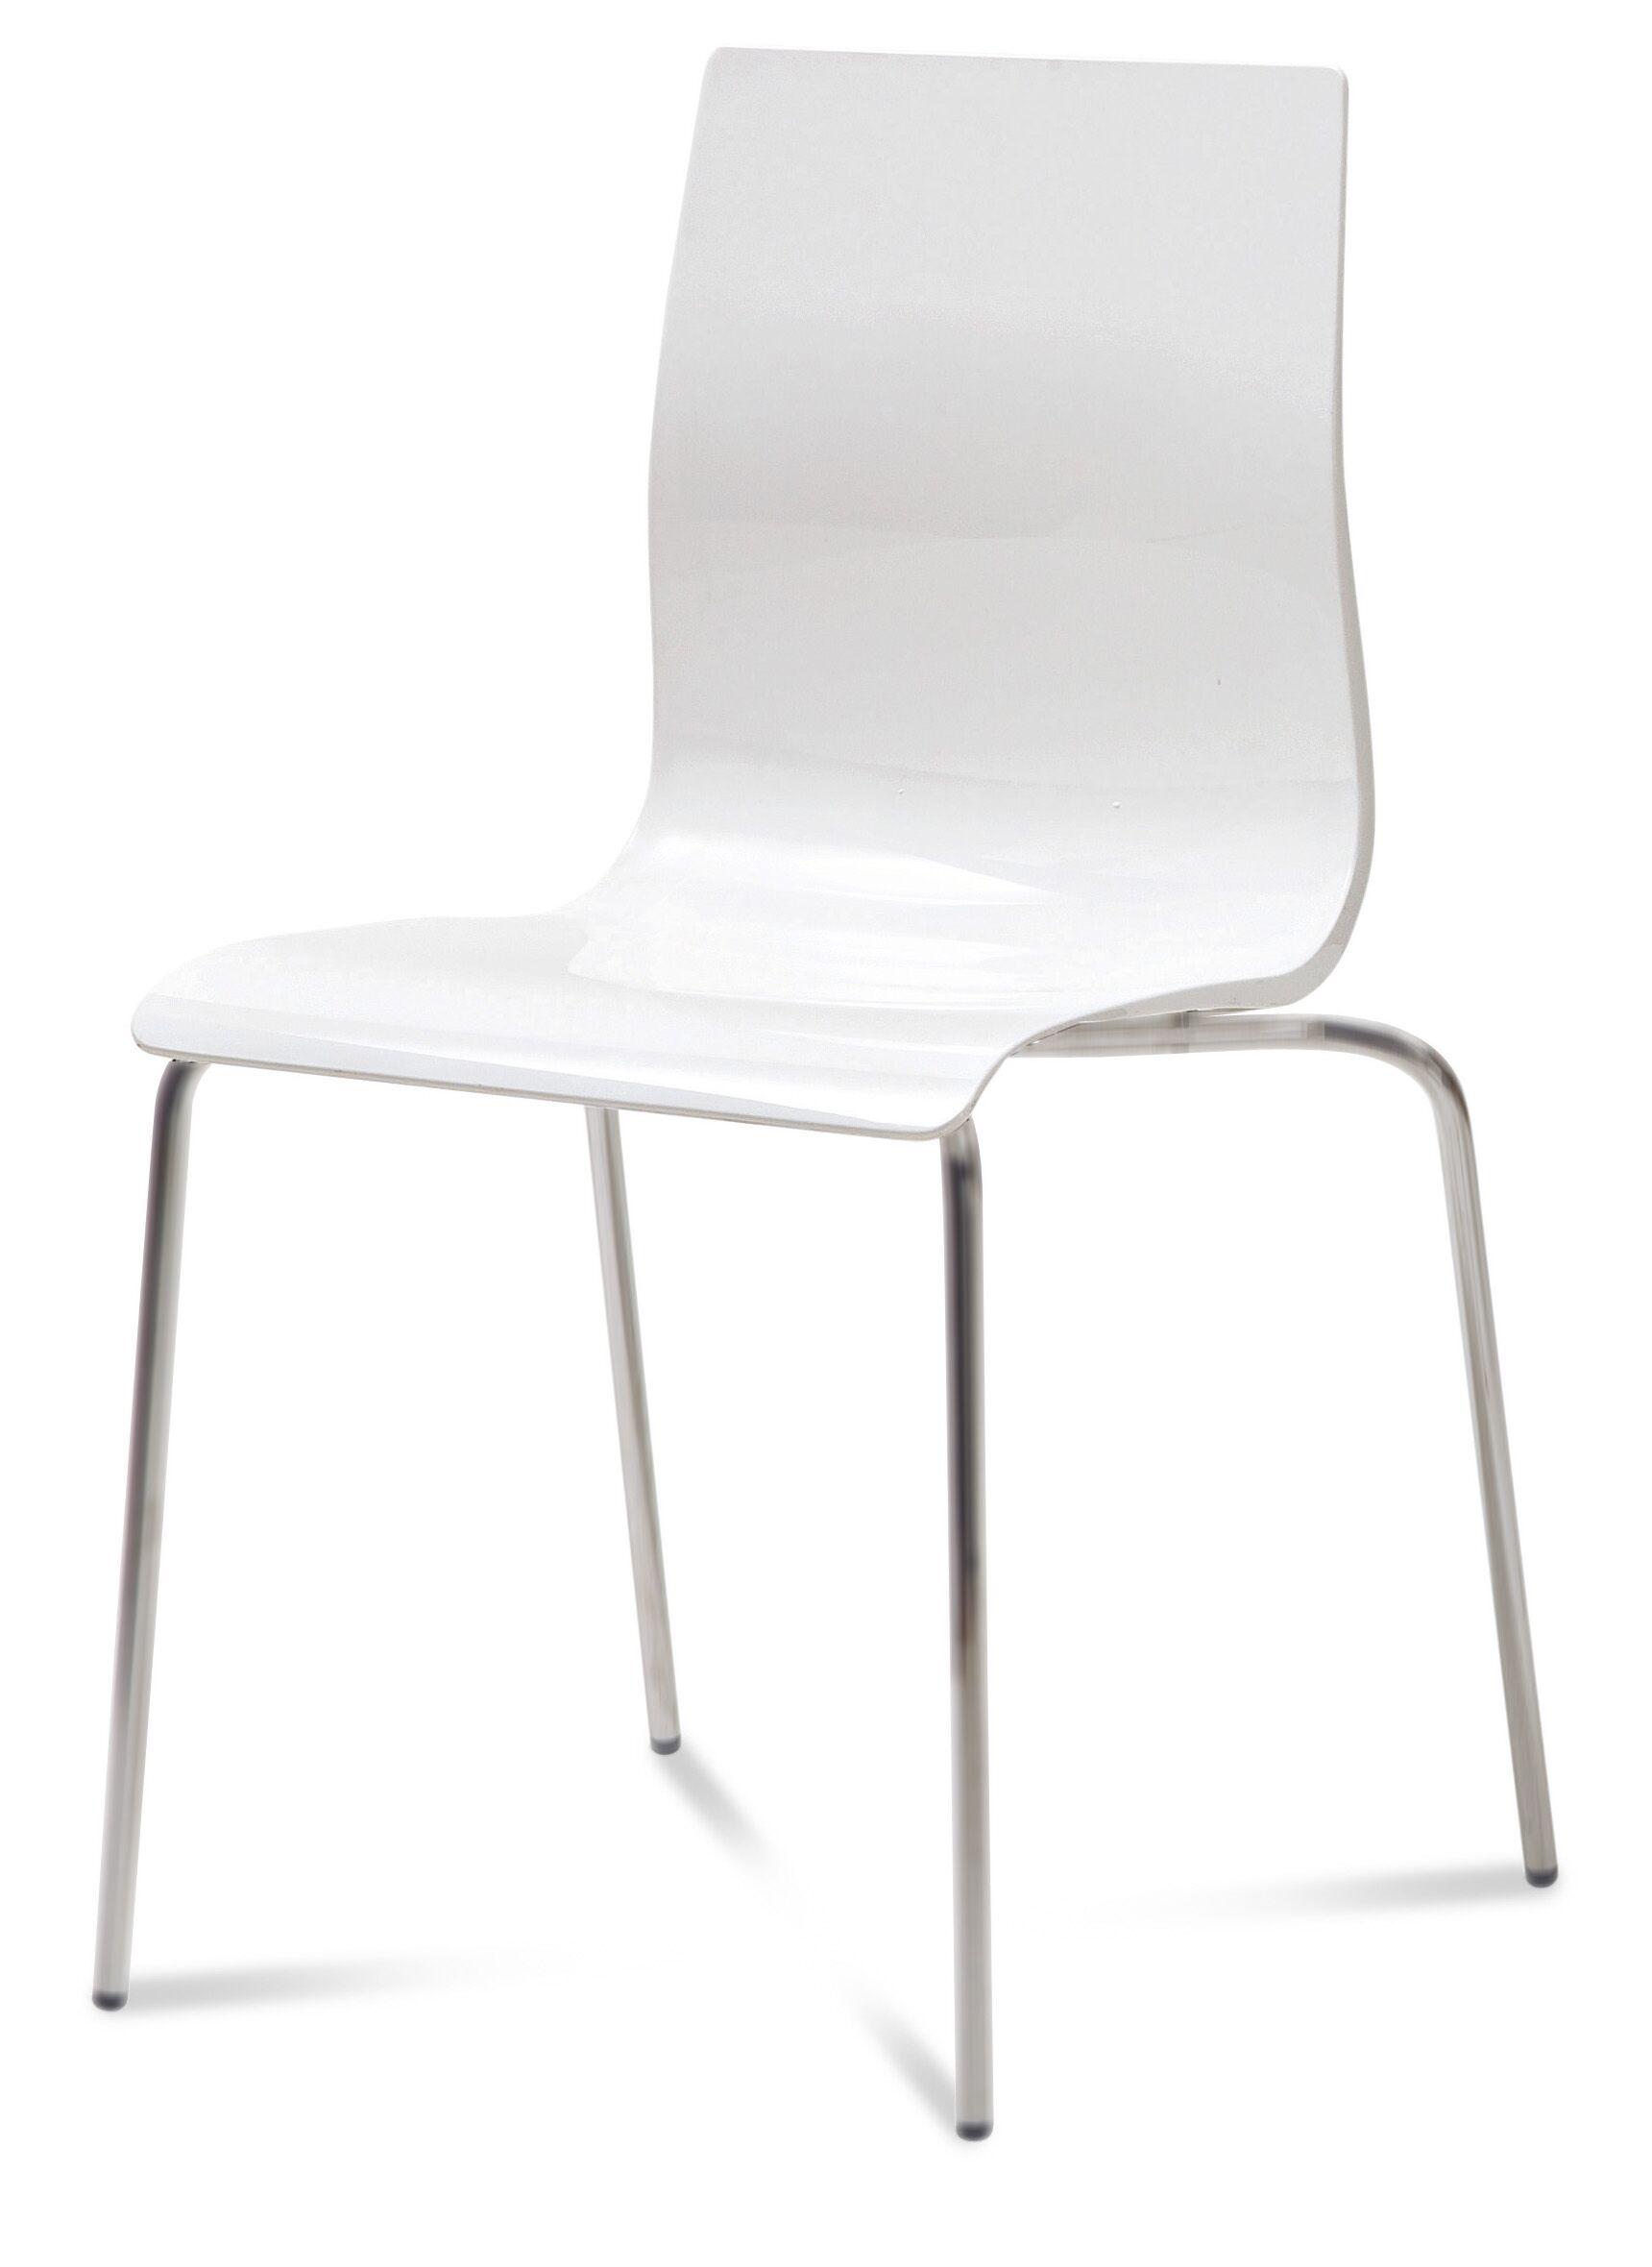 Gel Dining Chair (Set of 2) Finish: Transparent Smoke, Frame Finish: Metal